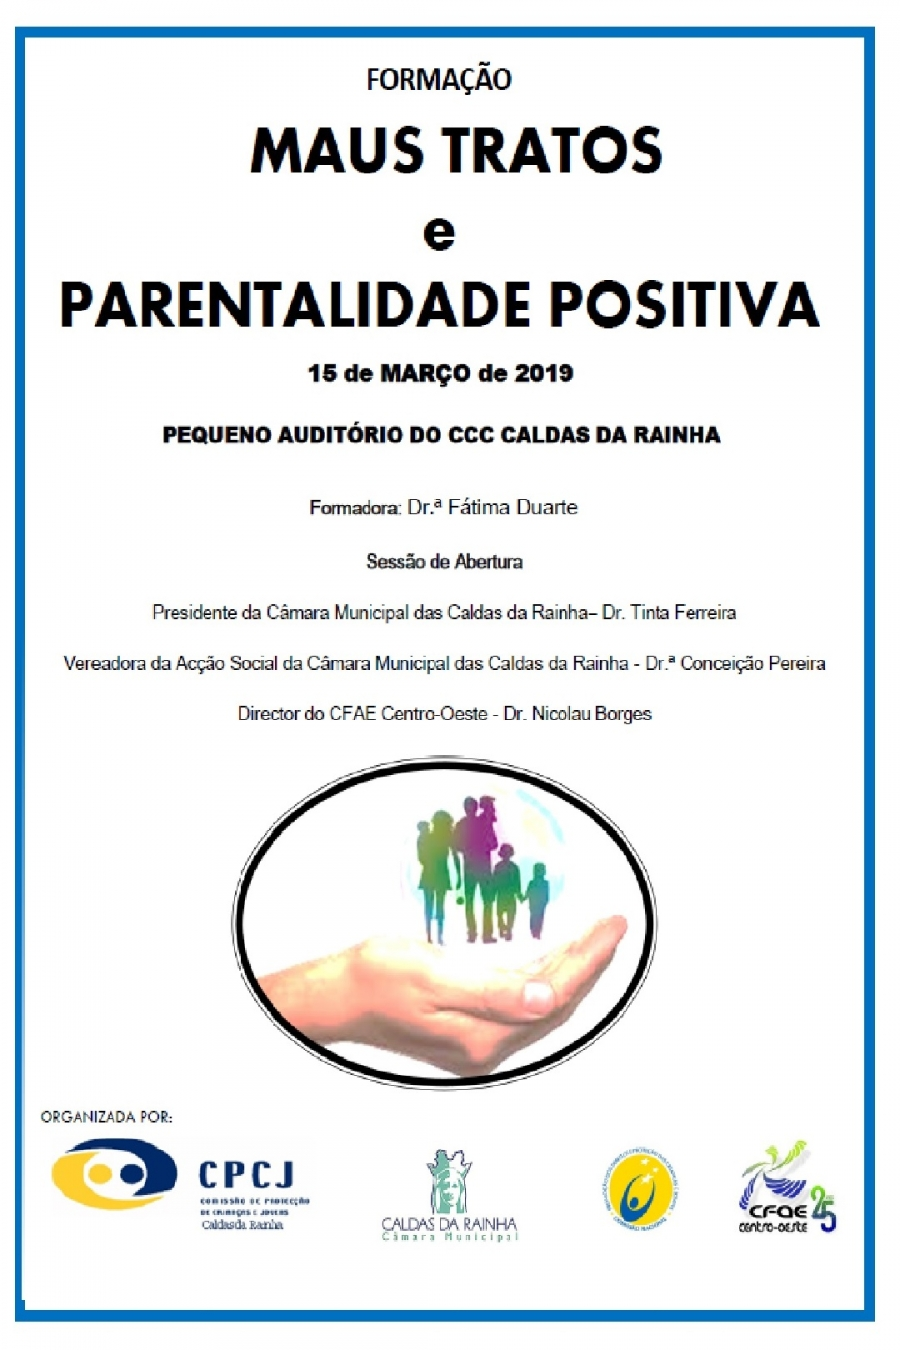 ACÇÃO DE FORMAÇÃO 'MAUS TRATOS E PARENTALIDADE POSITIVA'